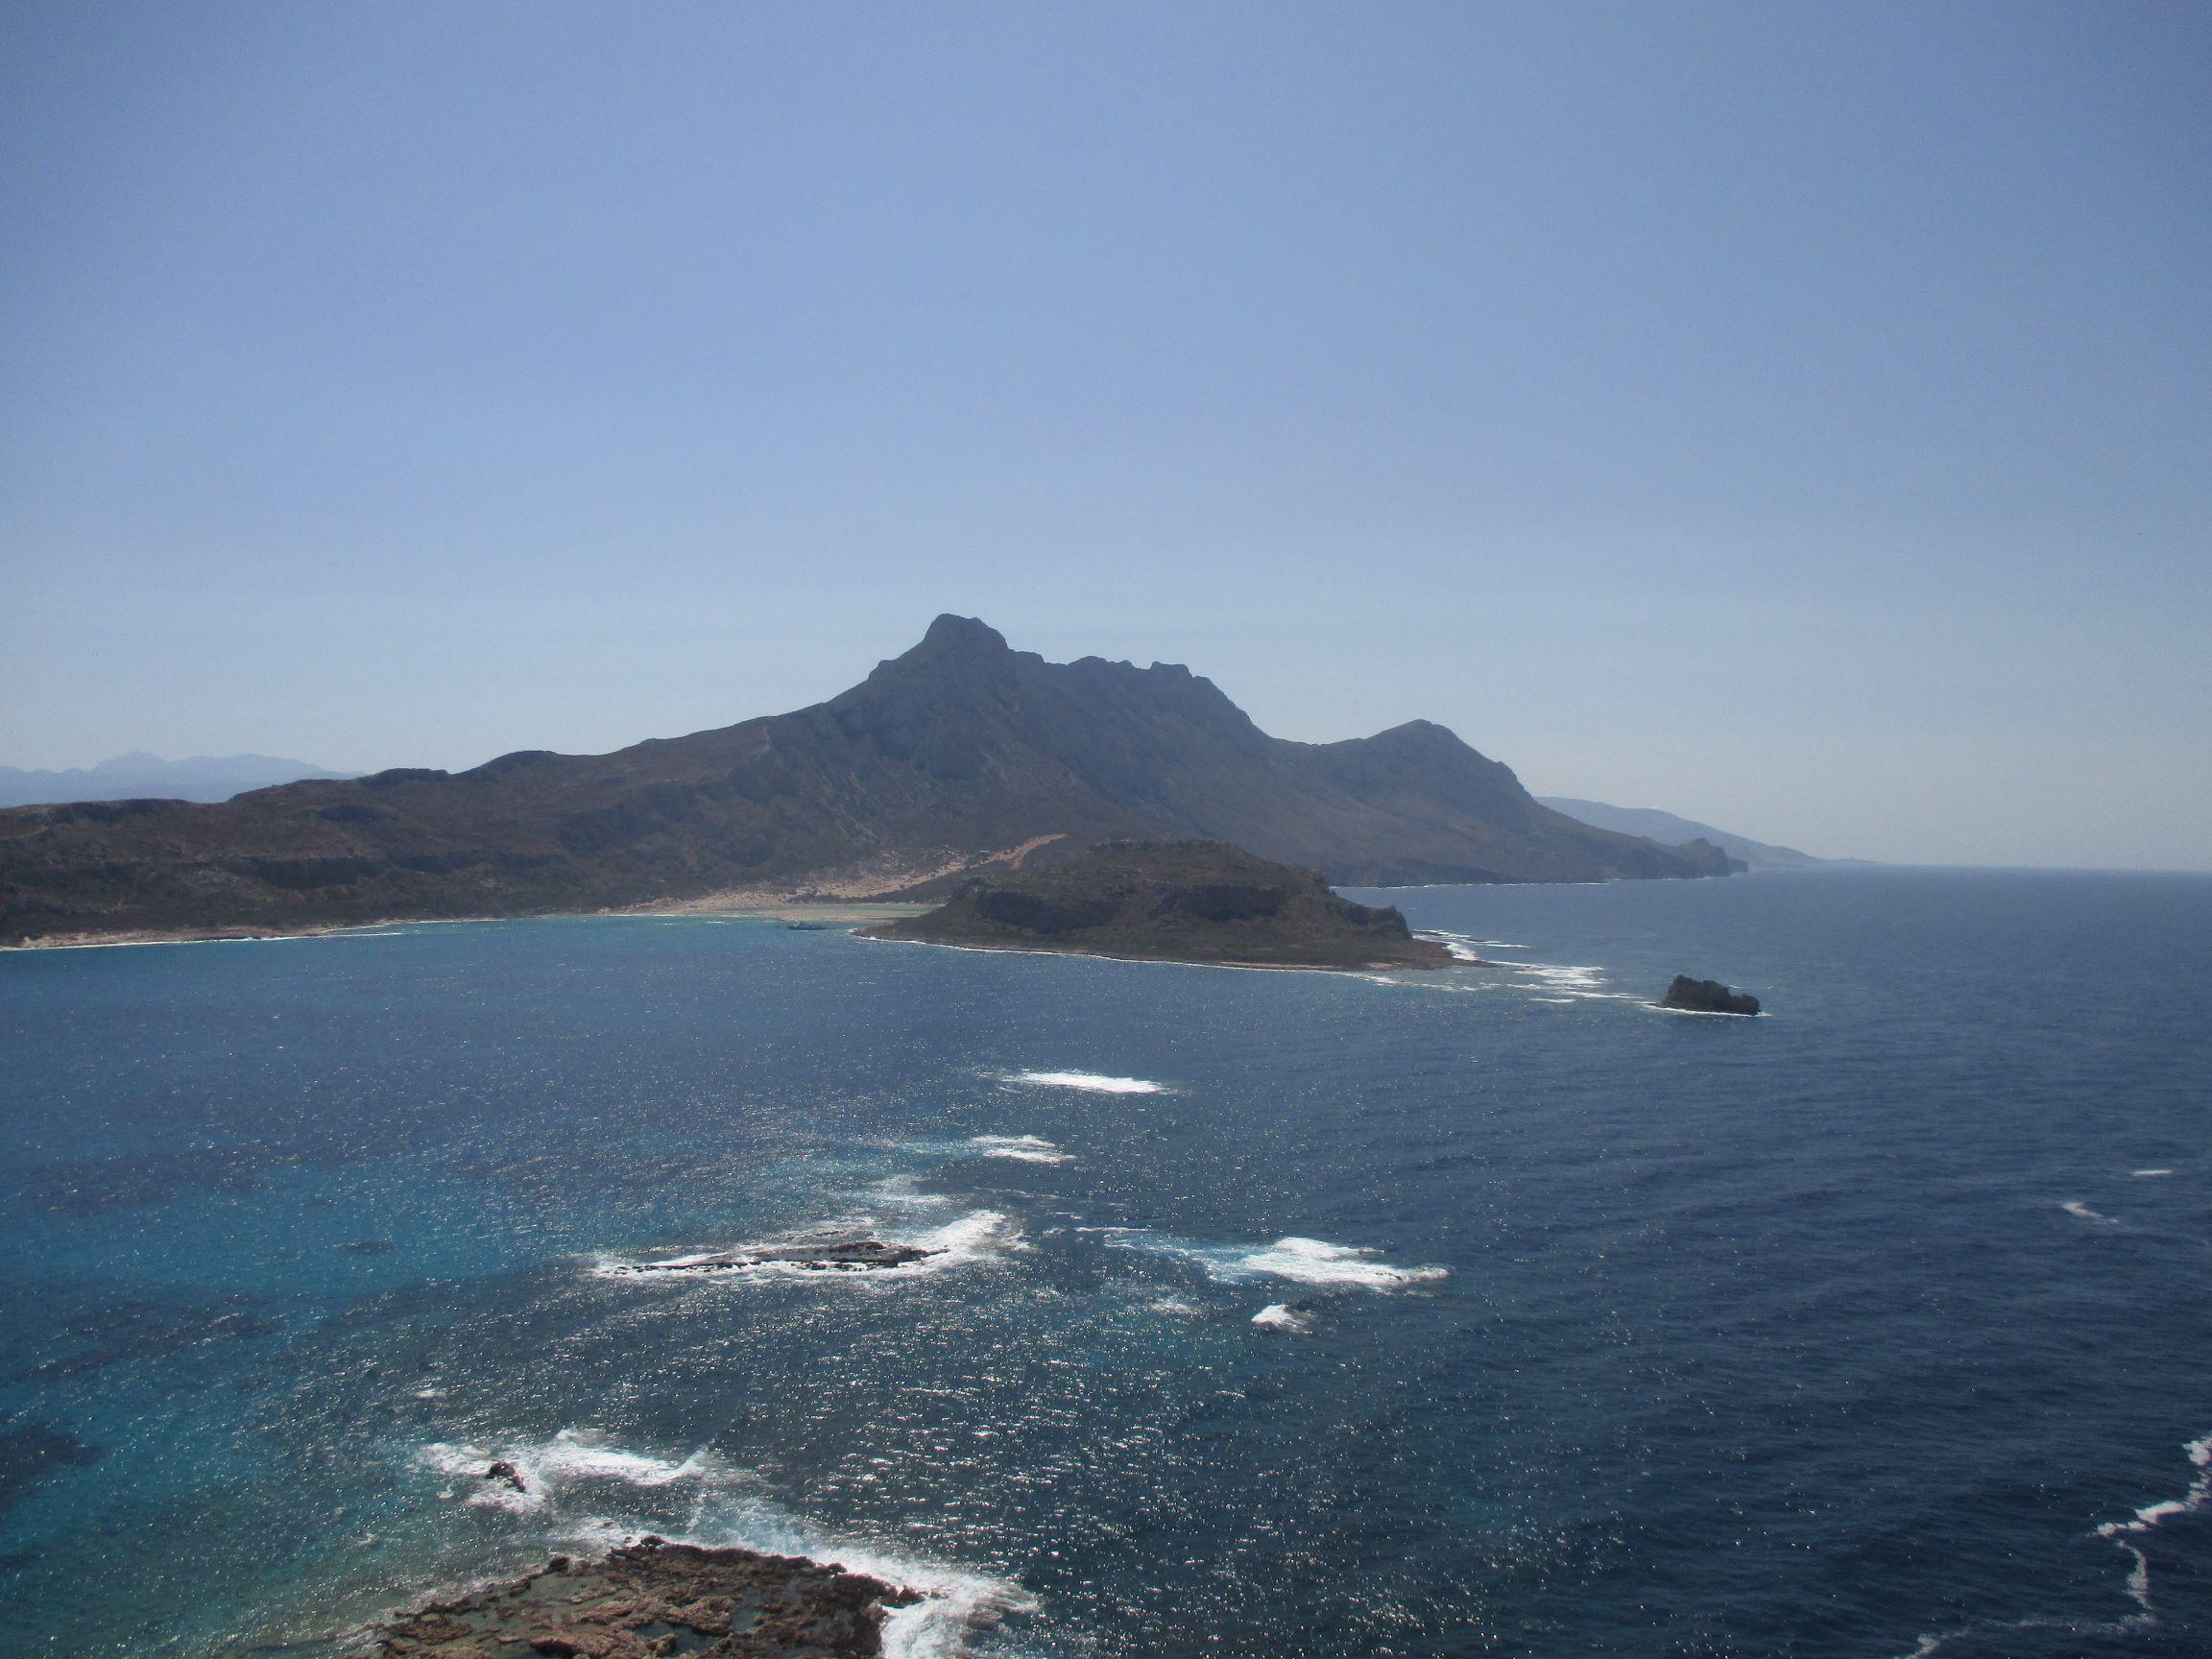 crete görögország társkereső oldalak a legjobb ingyenes meleg társkereső Kanada